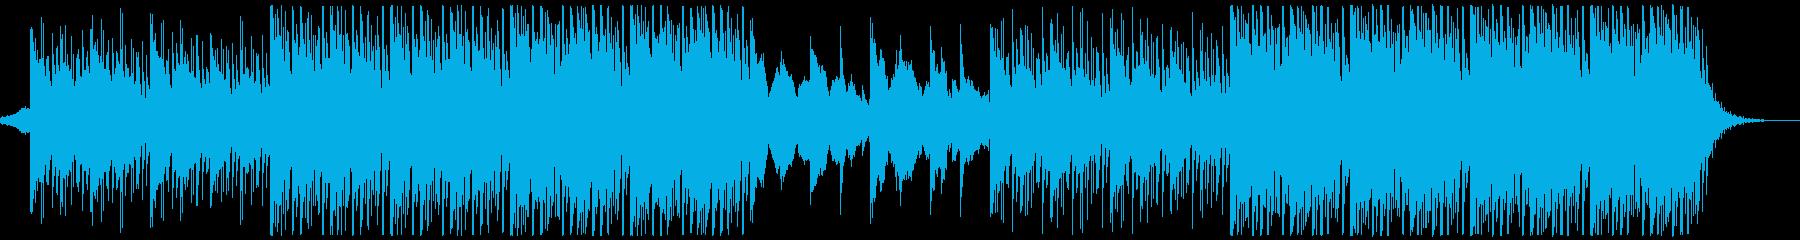 躍動感,オシャレCM、フルバージョンの再生済みの波形